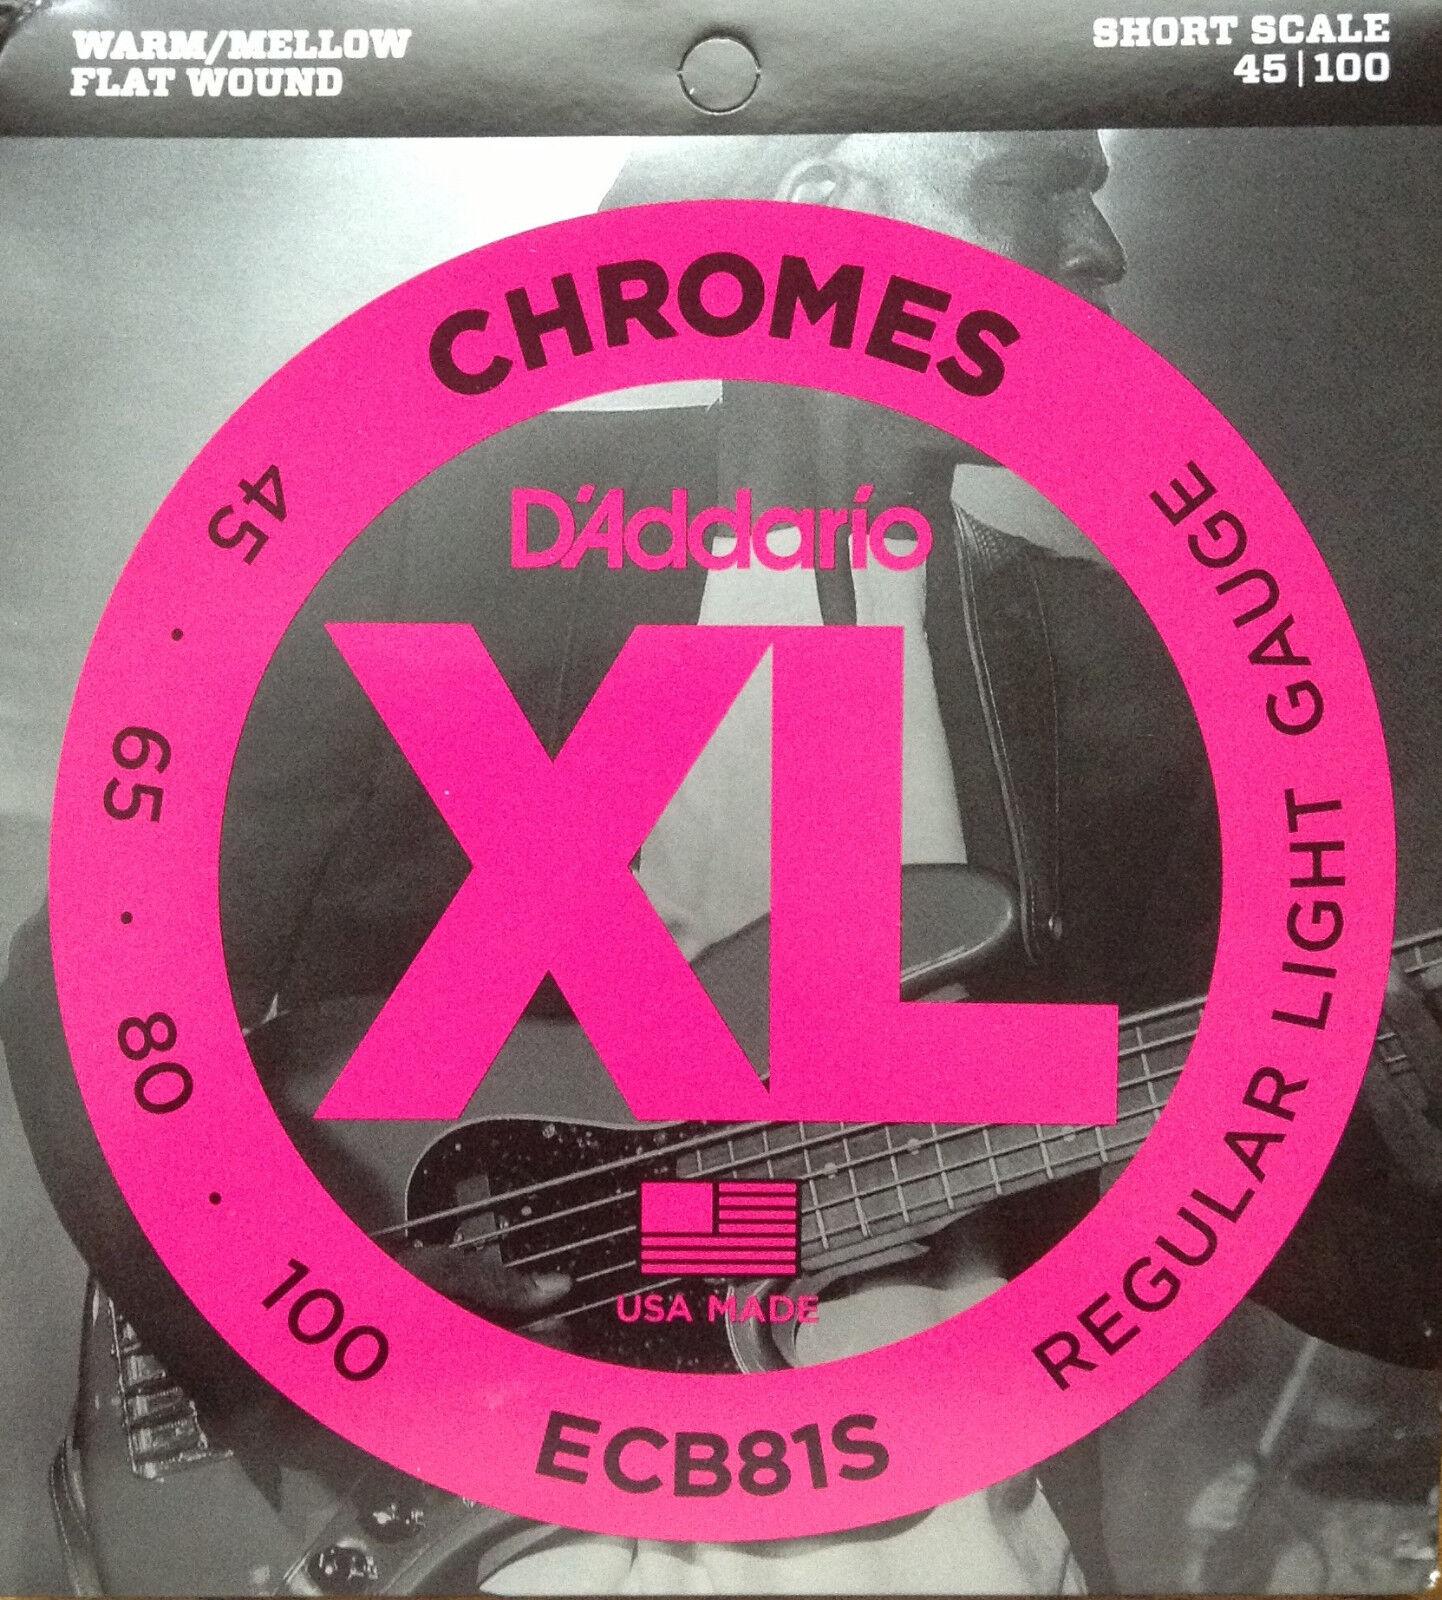 D'Addario ECB81S XL Chromes plana plana plana bajo guitarra, cuerdas de heridas 45-100 Escala Corta  servicio considerado